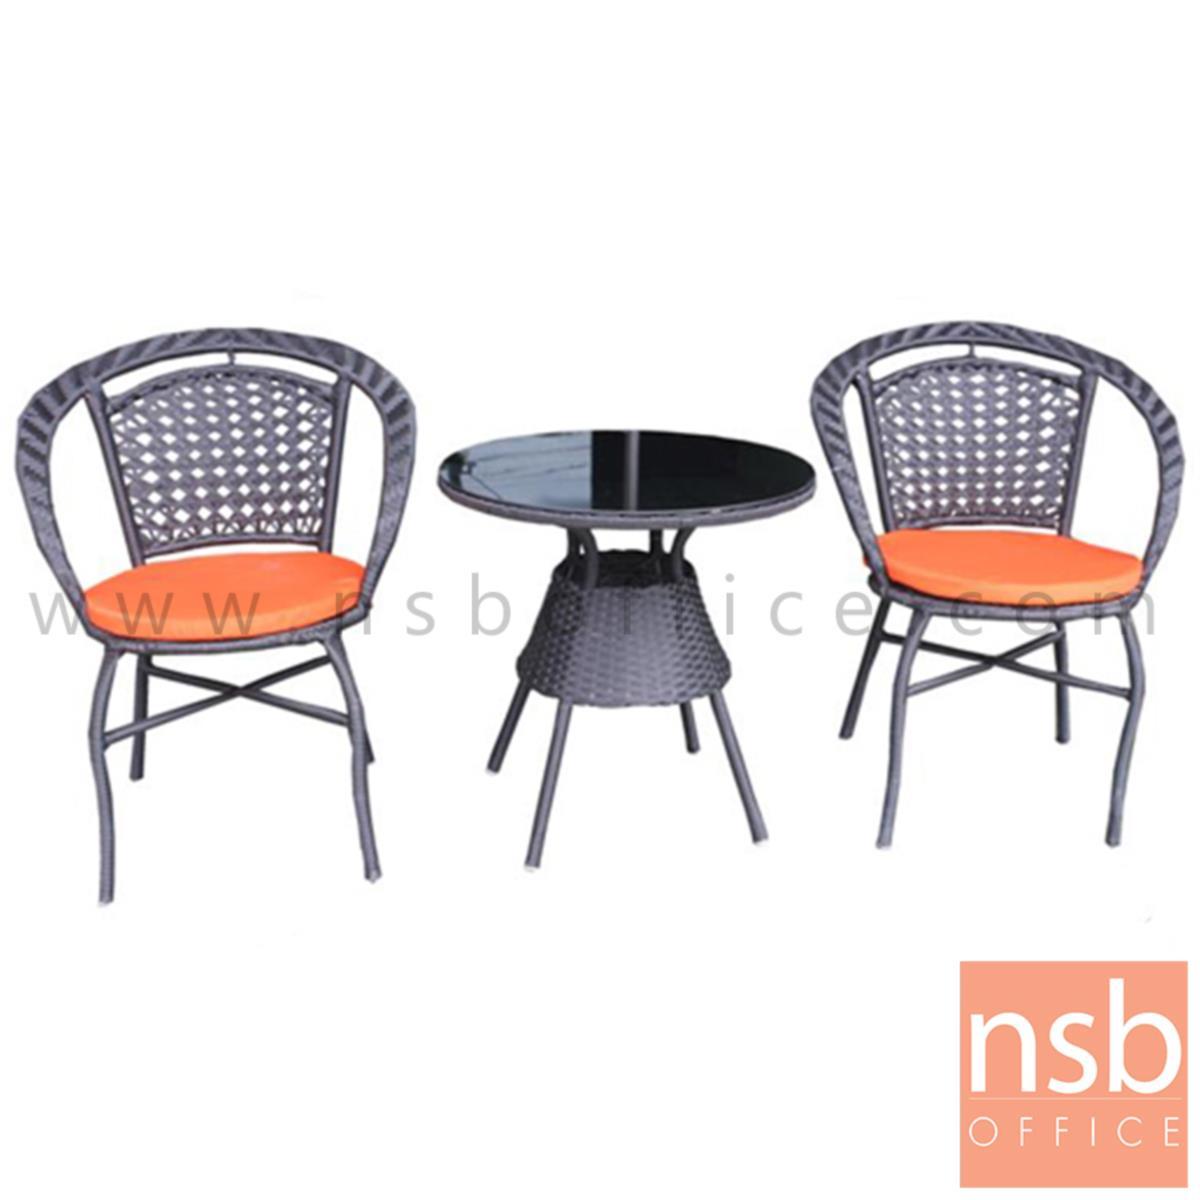 G08A301:ชุดโต๊ะน้ำชาหวายเทียม 2 ที่นั่ง รุ่น Goodwill (กู๊ดวิล)  พร้อมโต๊ะกลางหน้ากระจก